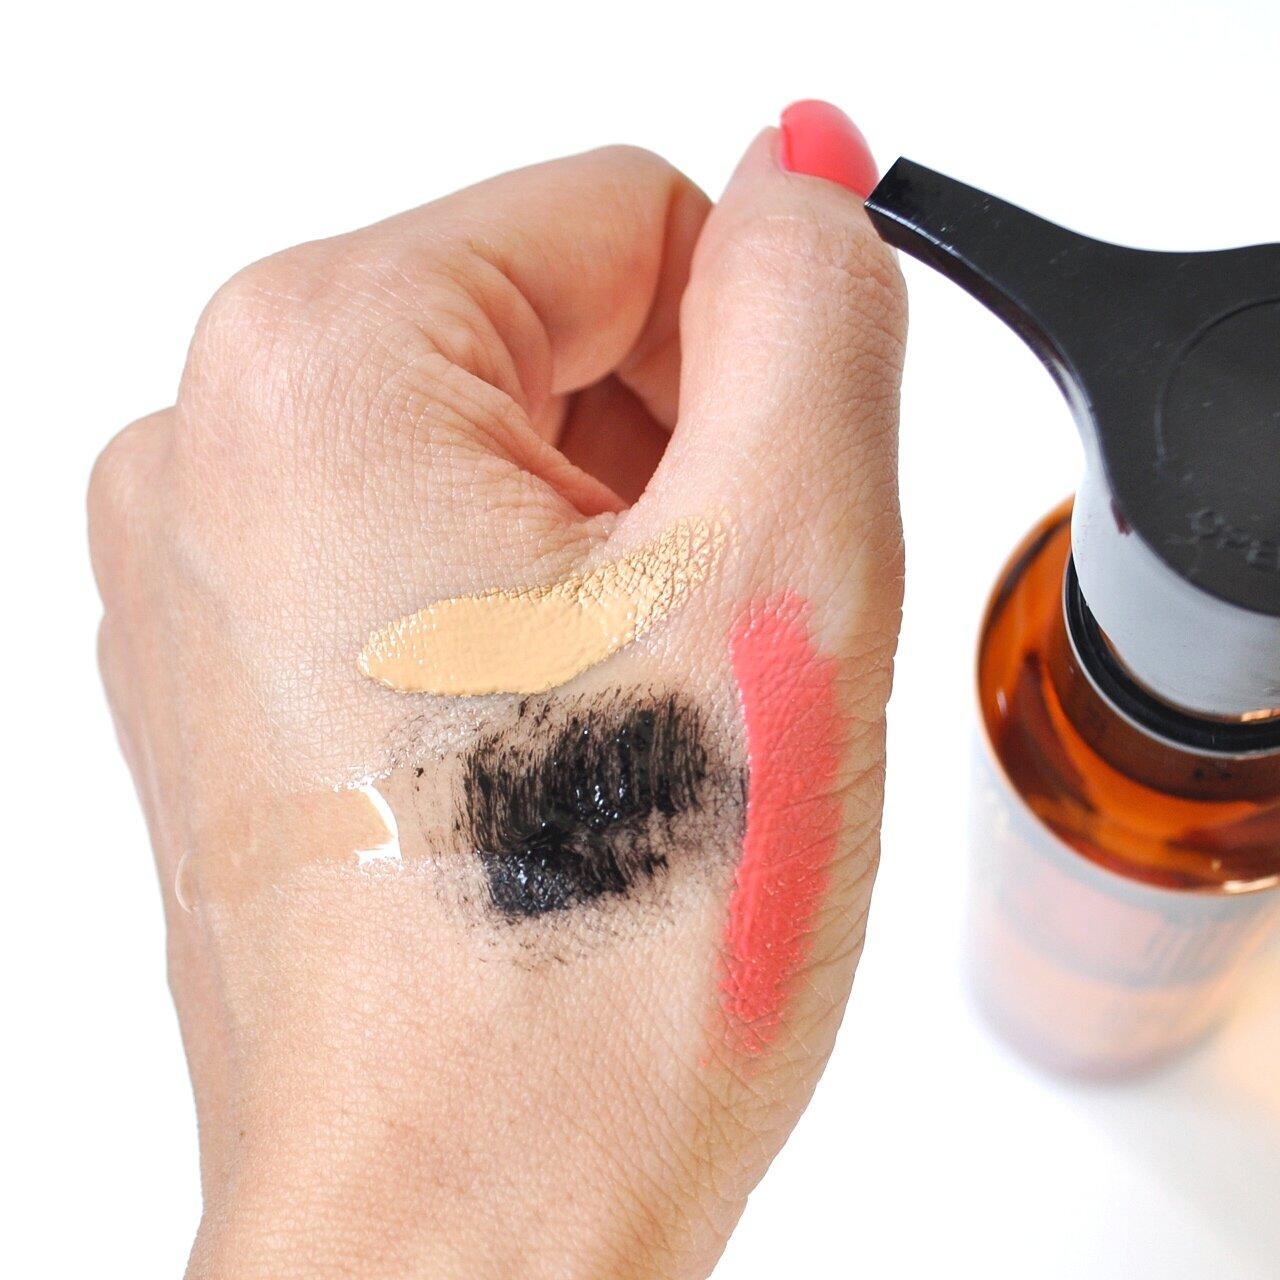 Nếu bạn hay makeup thì dầu tẩy trang chính là loại mà bạn cần dùng